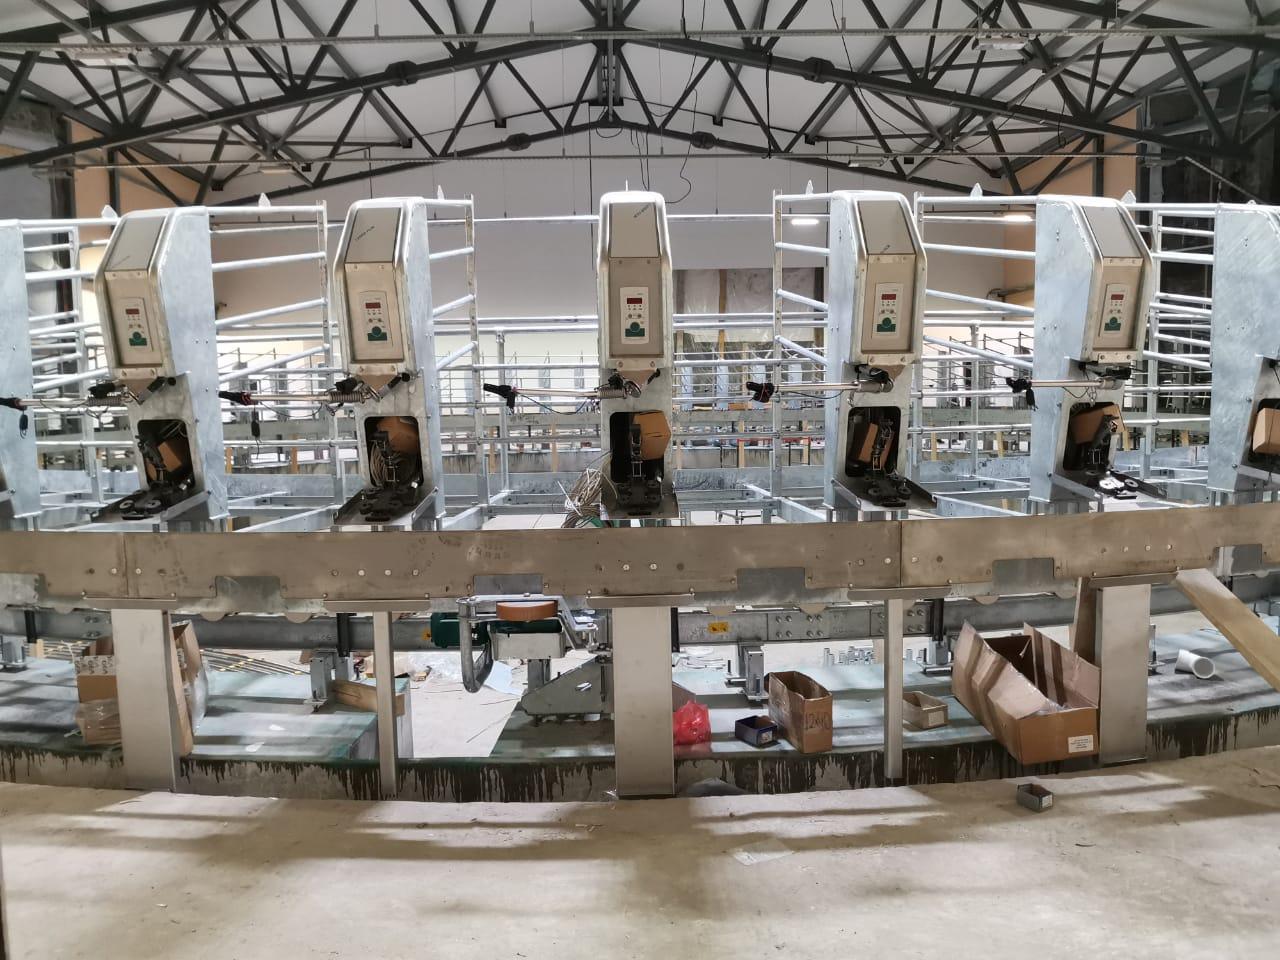 Монтаж доильного зала карусельного типа AutoRotor PerFormer Plus  72 места в с. Подвязье Рязанского района